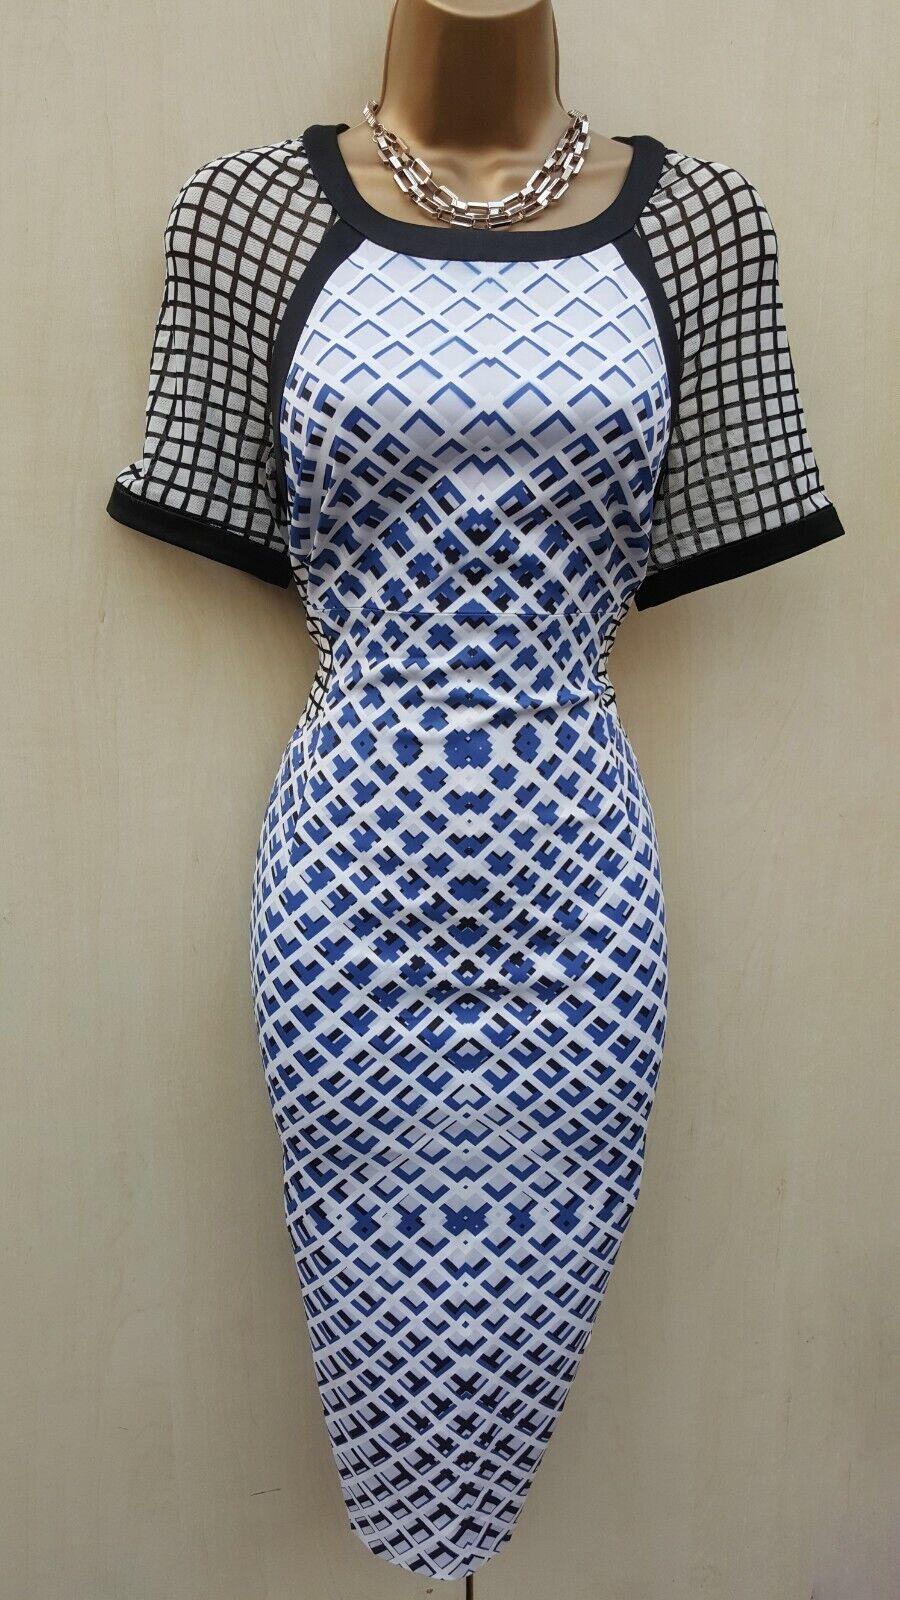 Größe 14 UK KAREN MILLEN Signature Check Print Pencil Dress